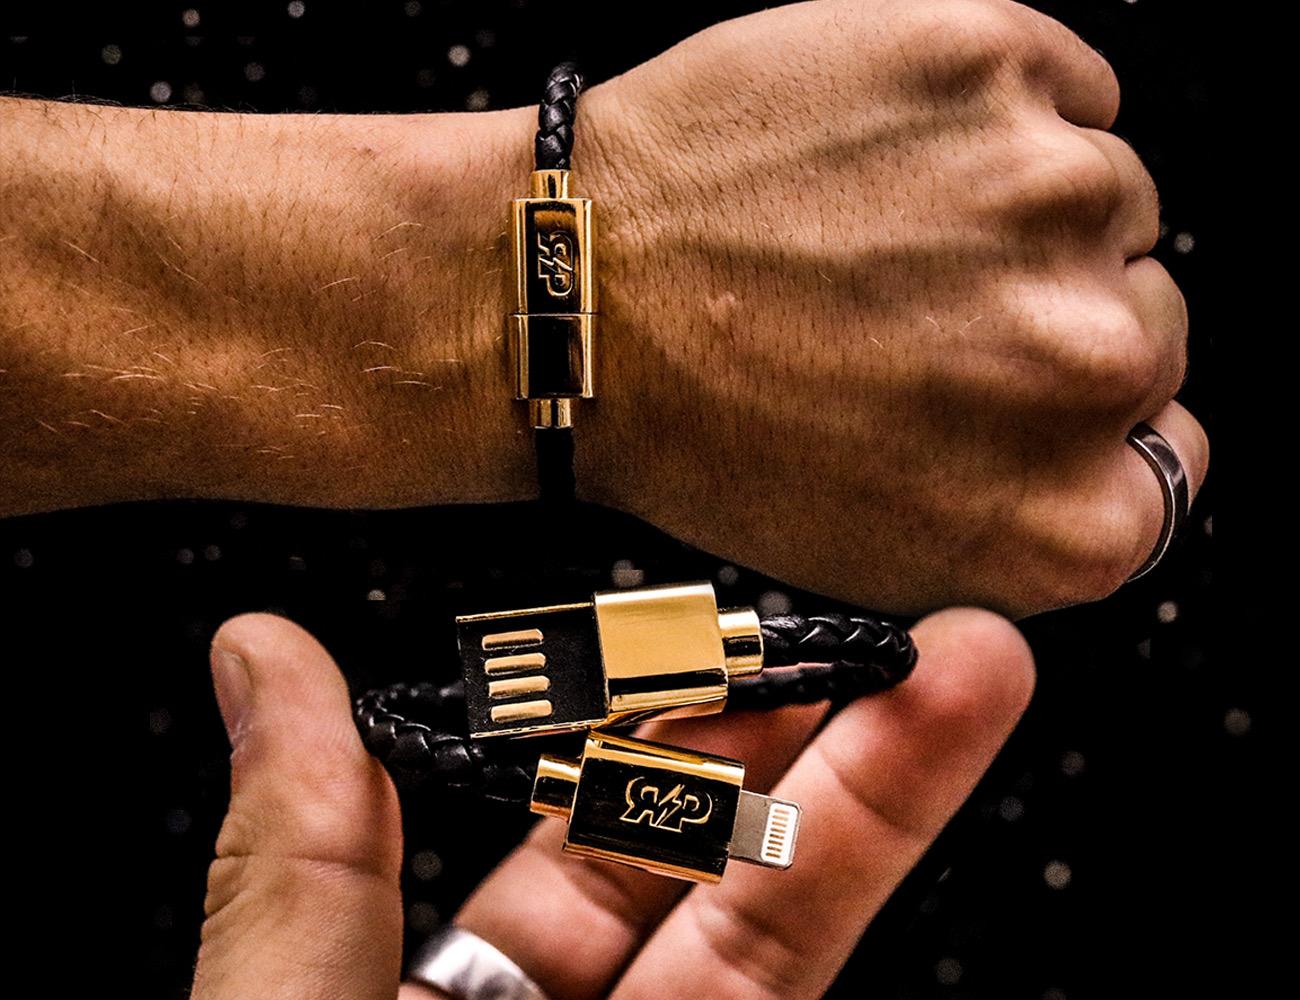 Revive Charging Cable Bracelet 187 Gadget Flow